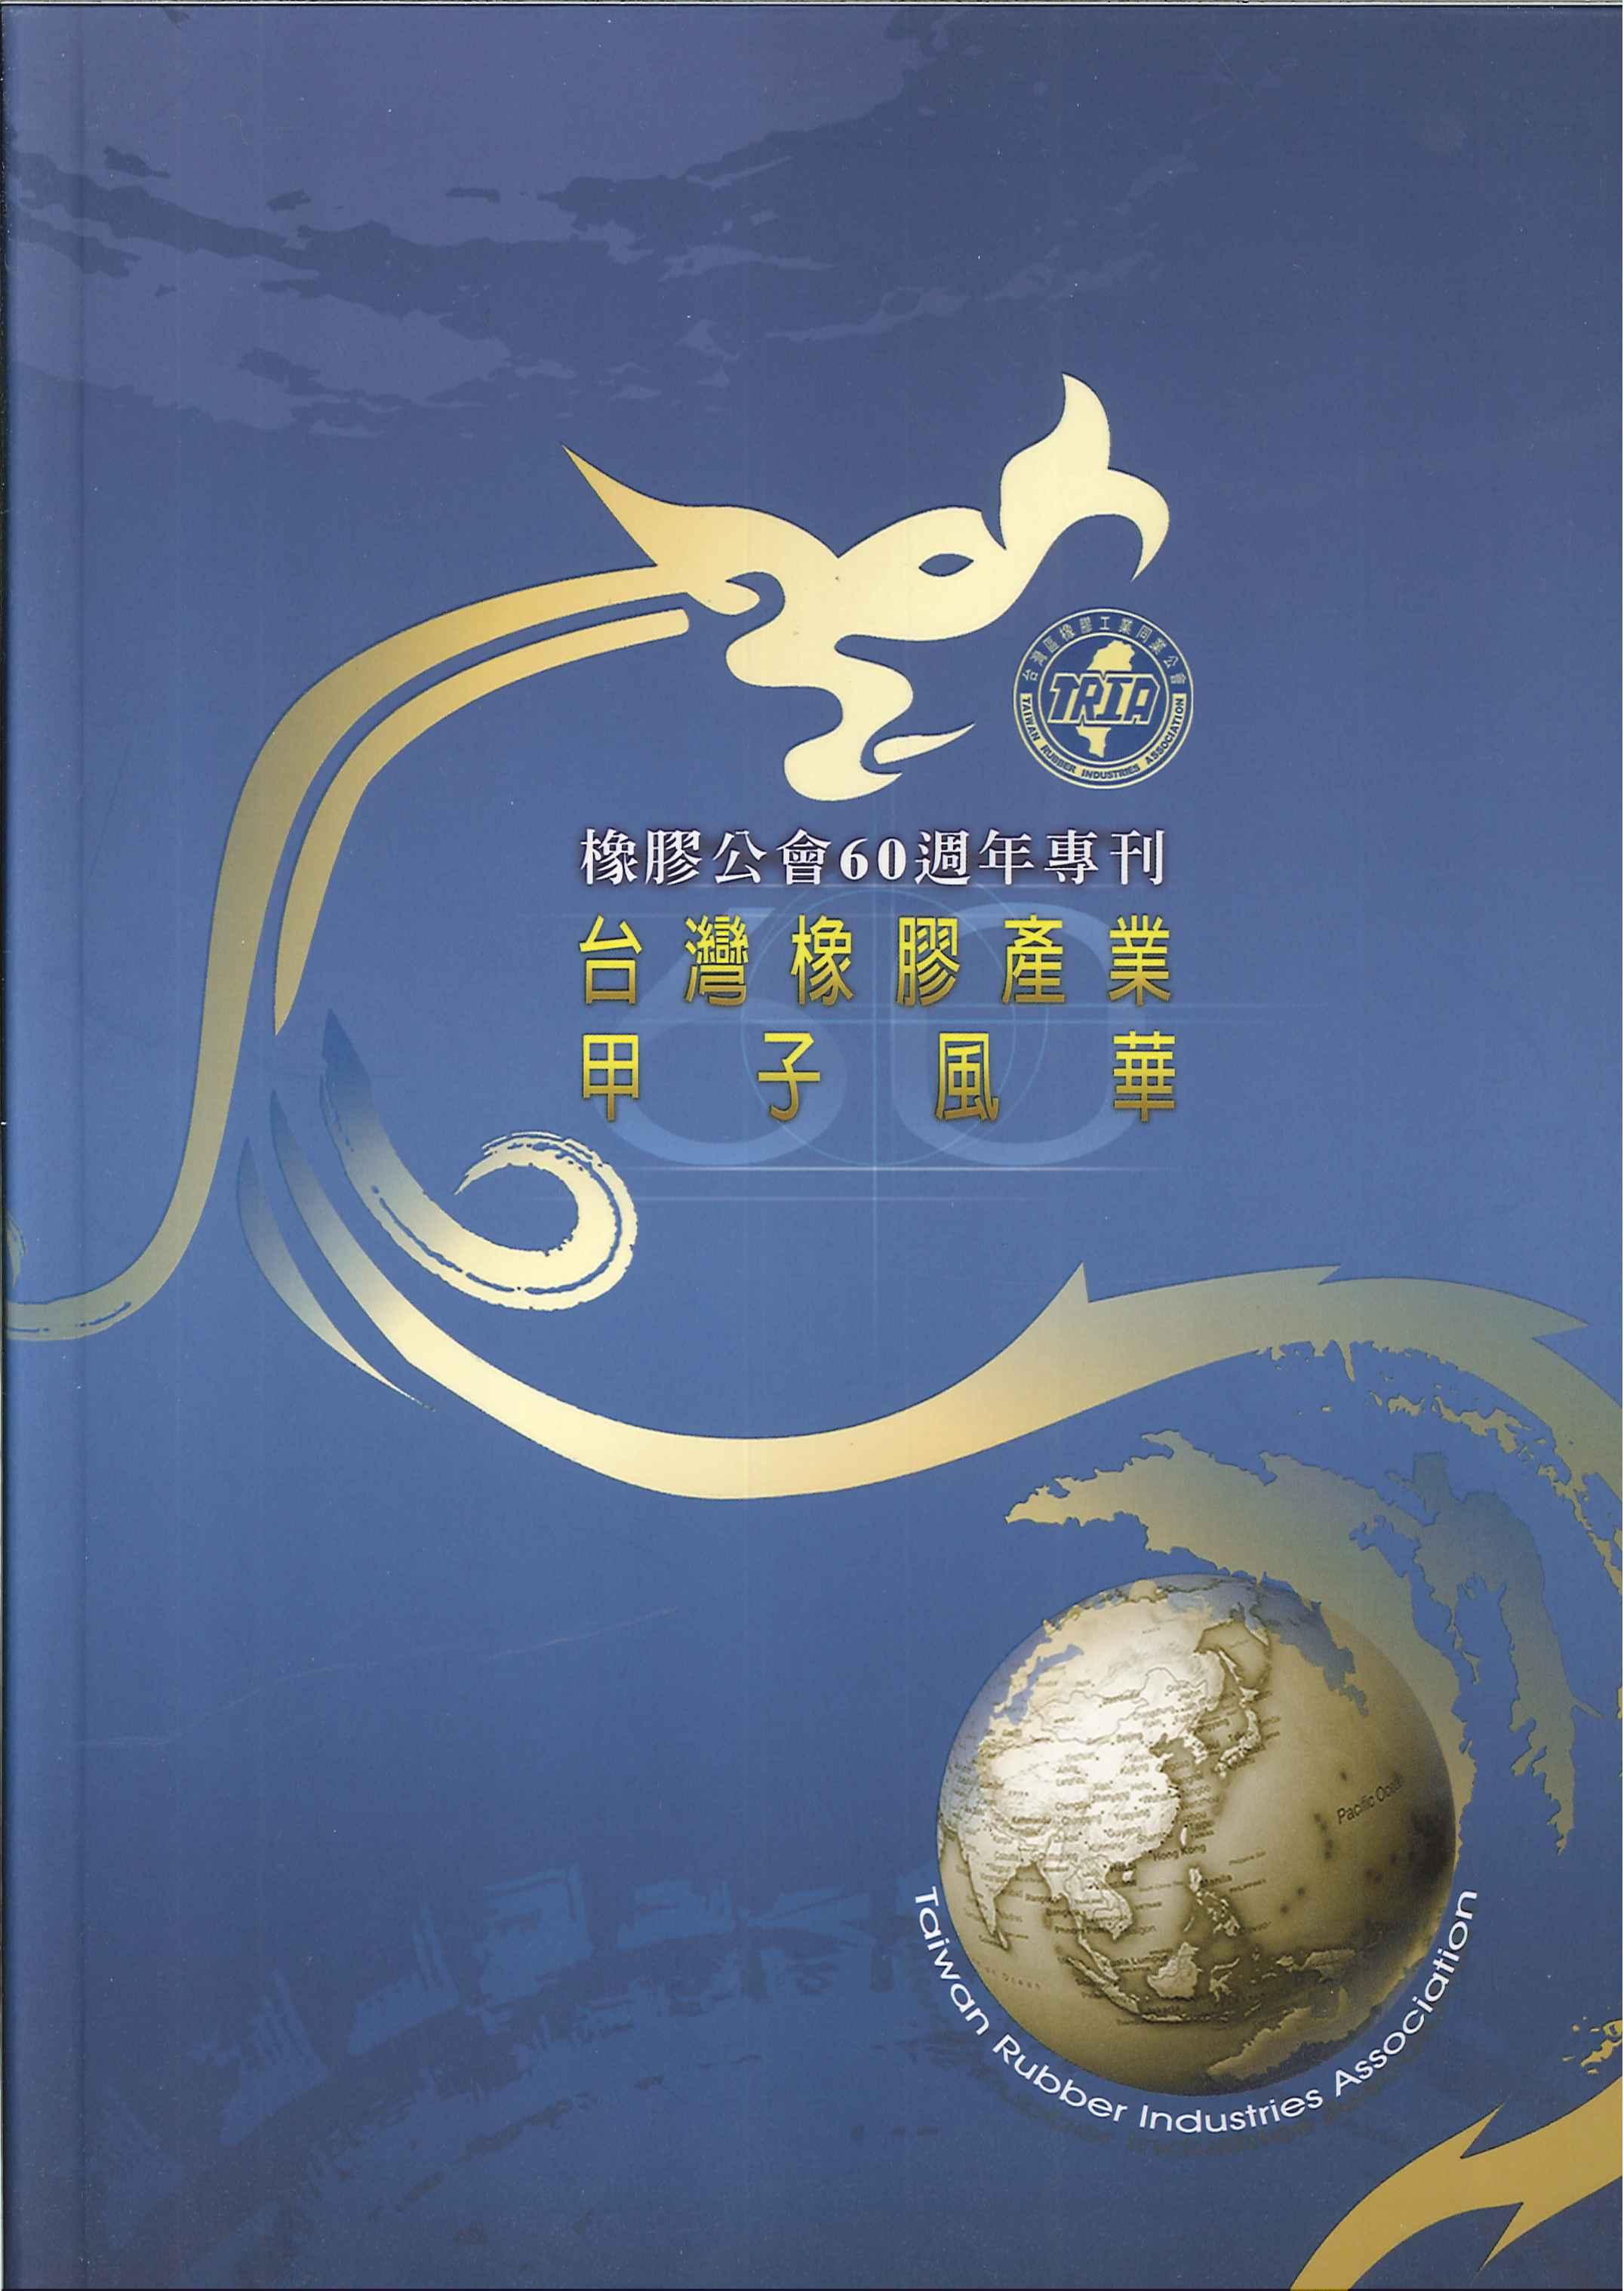 台灣橡膠產業甲子風華:橡膠公會60週年專刊